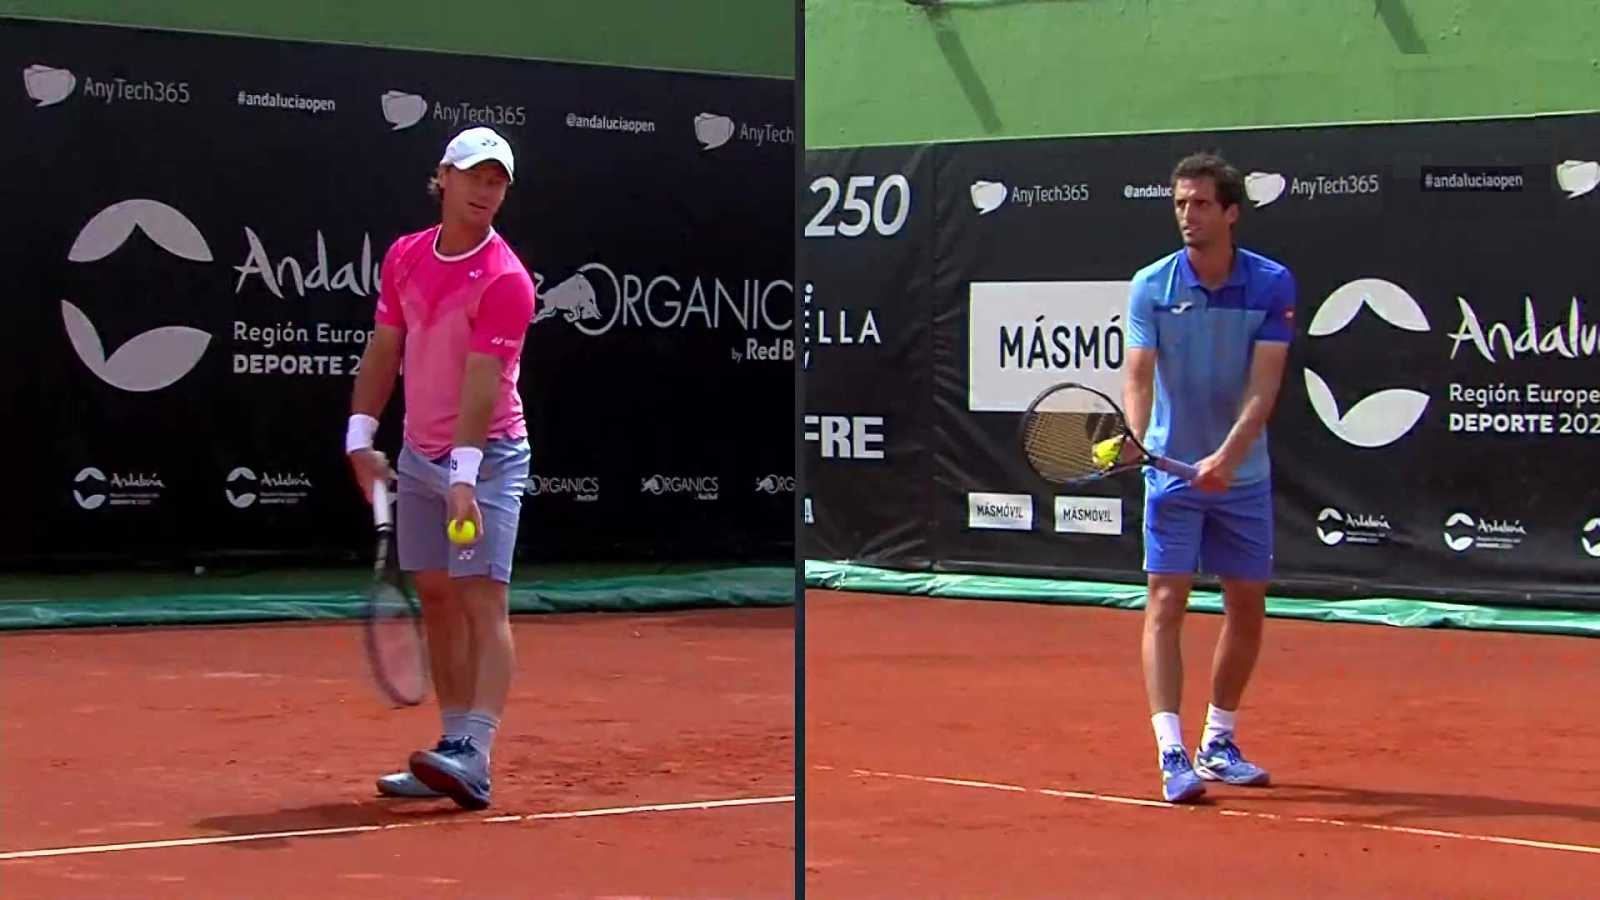 Tenis - ATP 250 Torneo Marbella: A. Ramos-Viñolas - R. Berankis - ver ahora